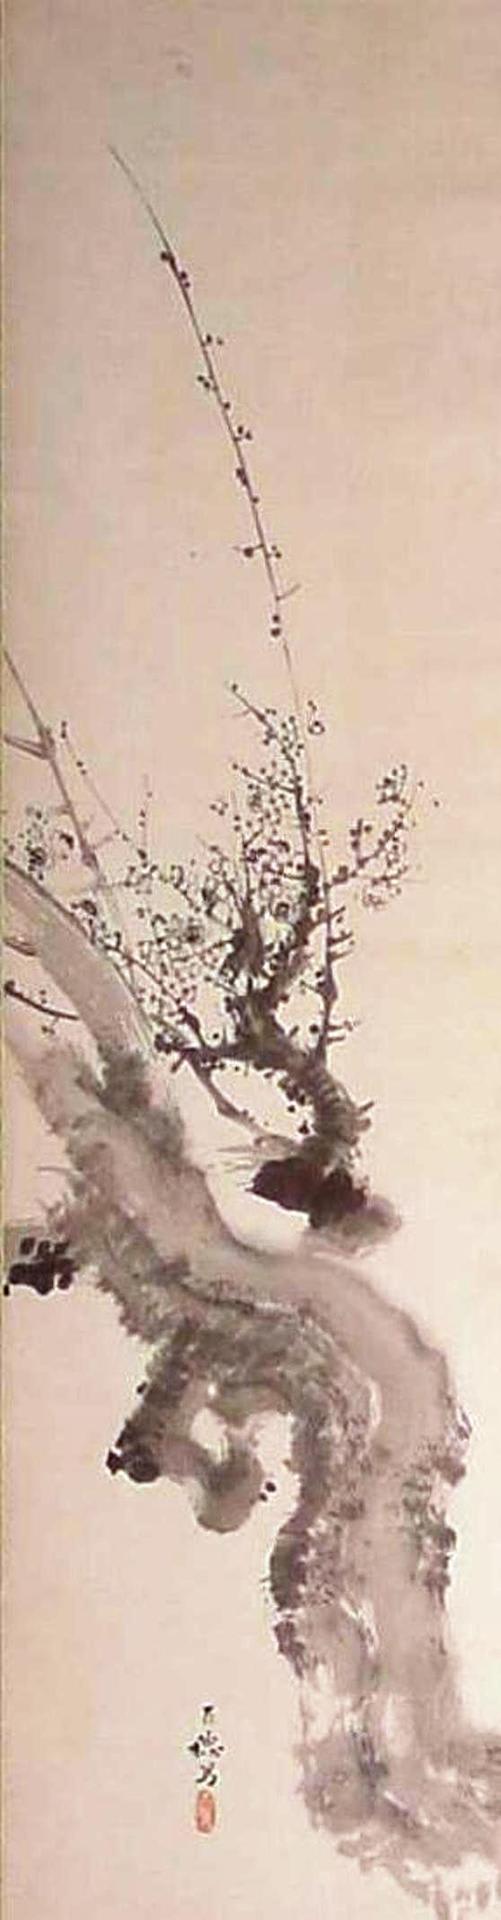 平福百穂の画像 p1_16